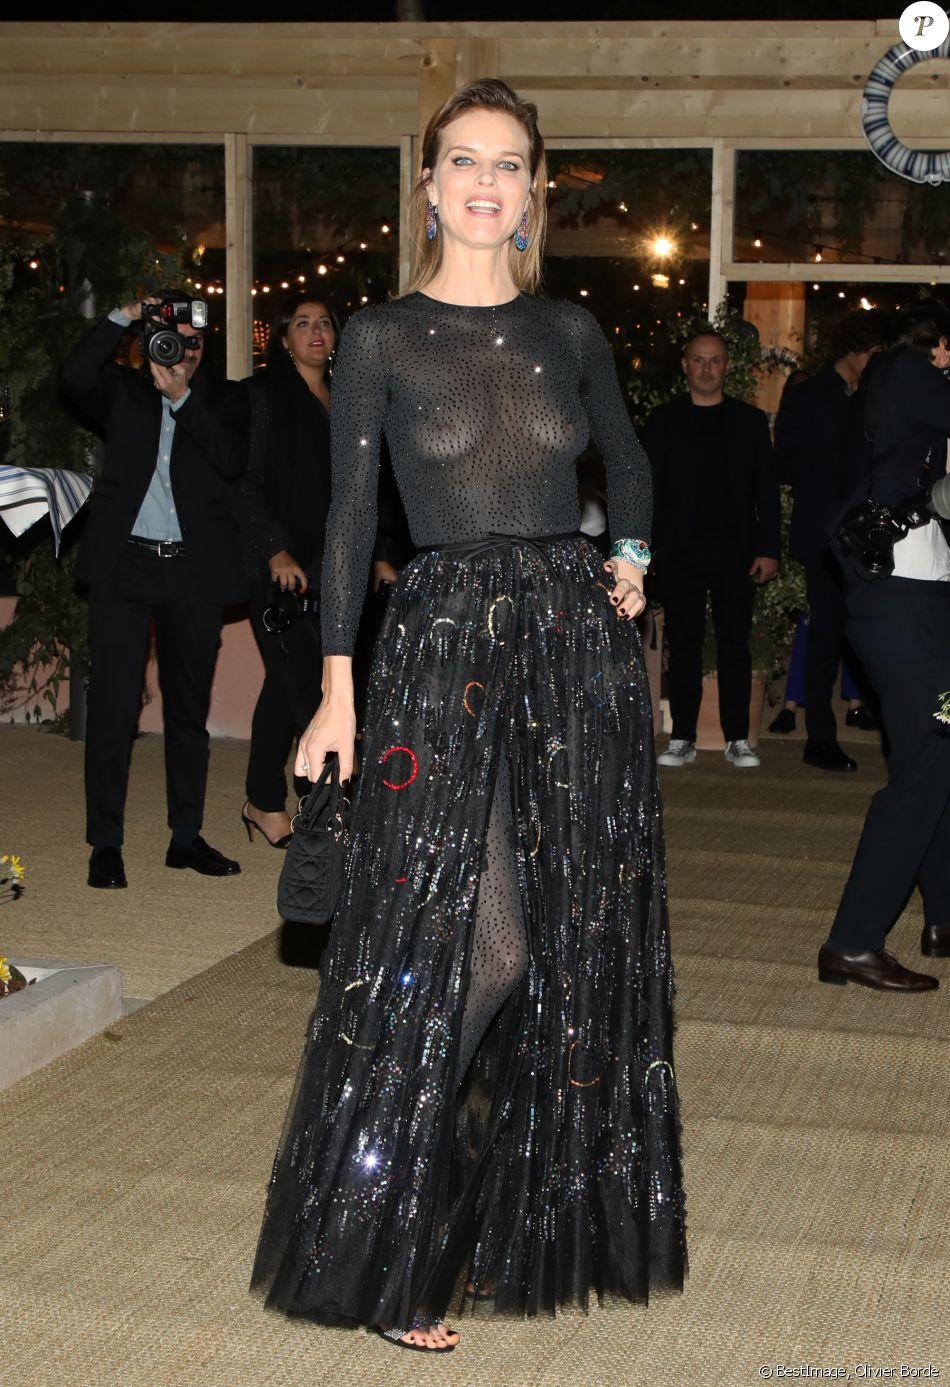 """Eva Herzigova assiste à la soirée """"Dior Vogue"""" chez """"Fred l'écailler"""" en marge du 72ème Festival International du Film de Cannes. Le 15 mai 2019 © Olivier Borde / Bestimage"""